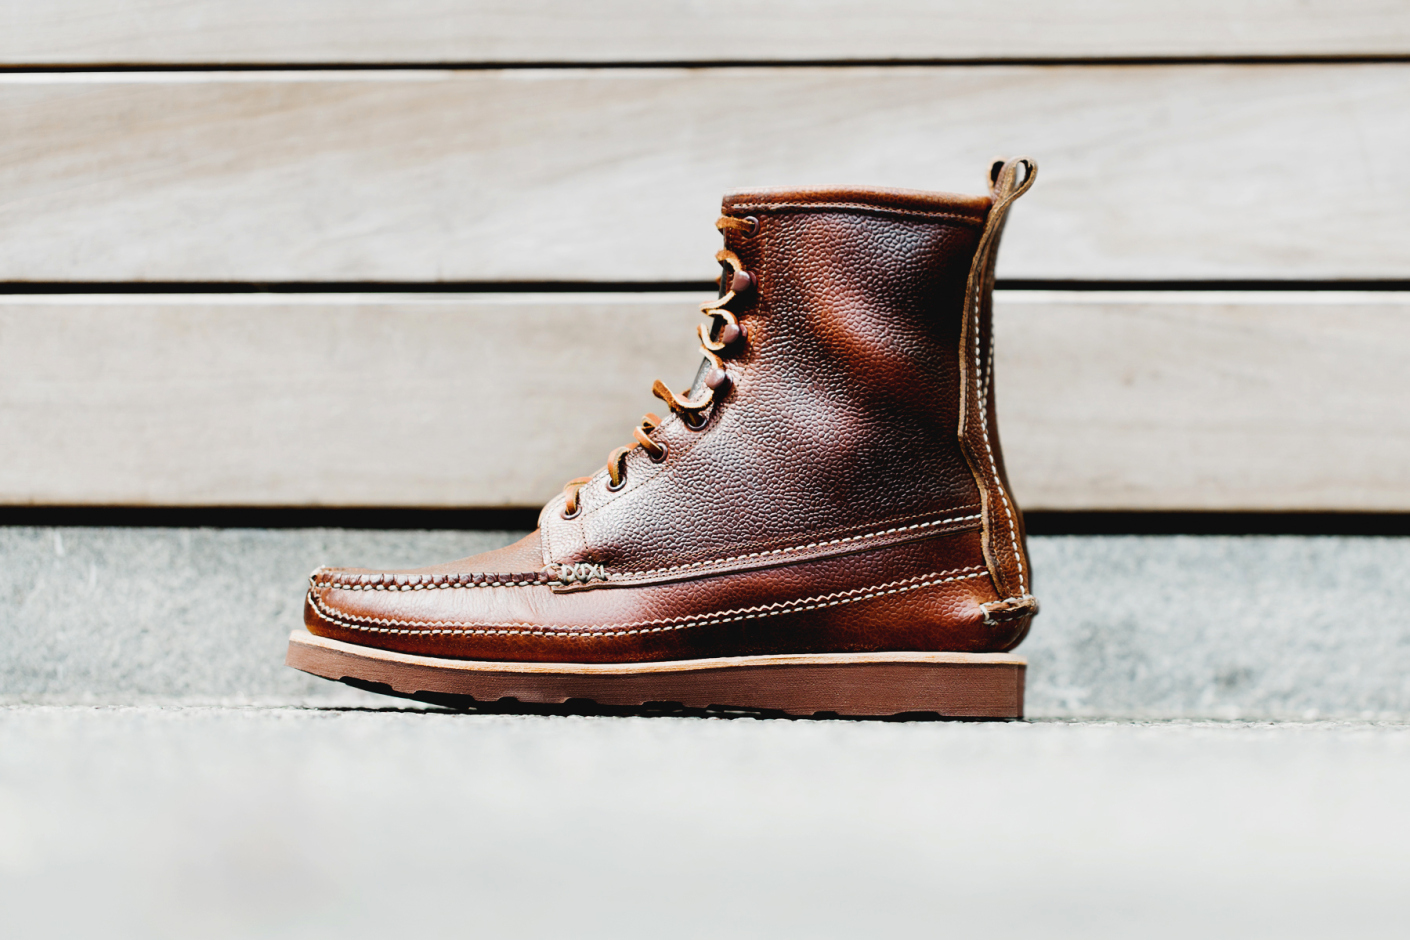 yuketen-2014-fall-winter-maine-guide-boots-1.jpg